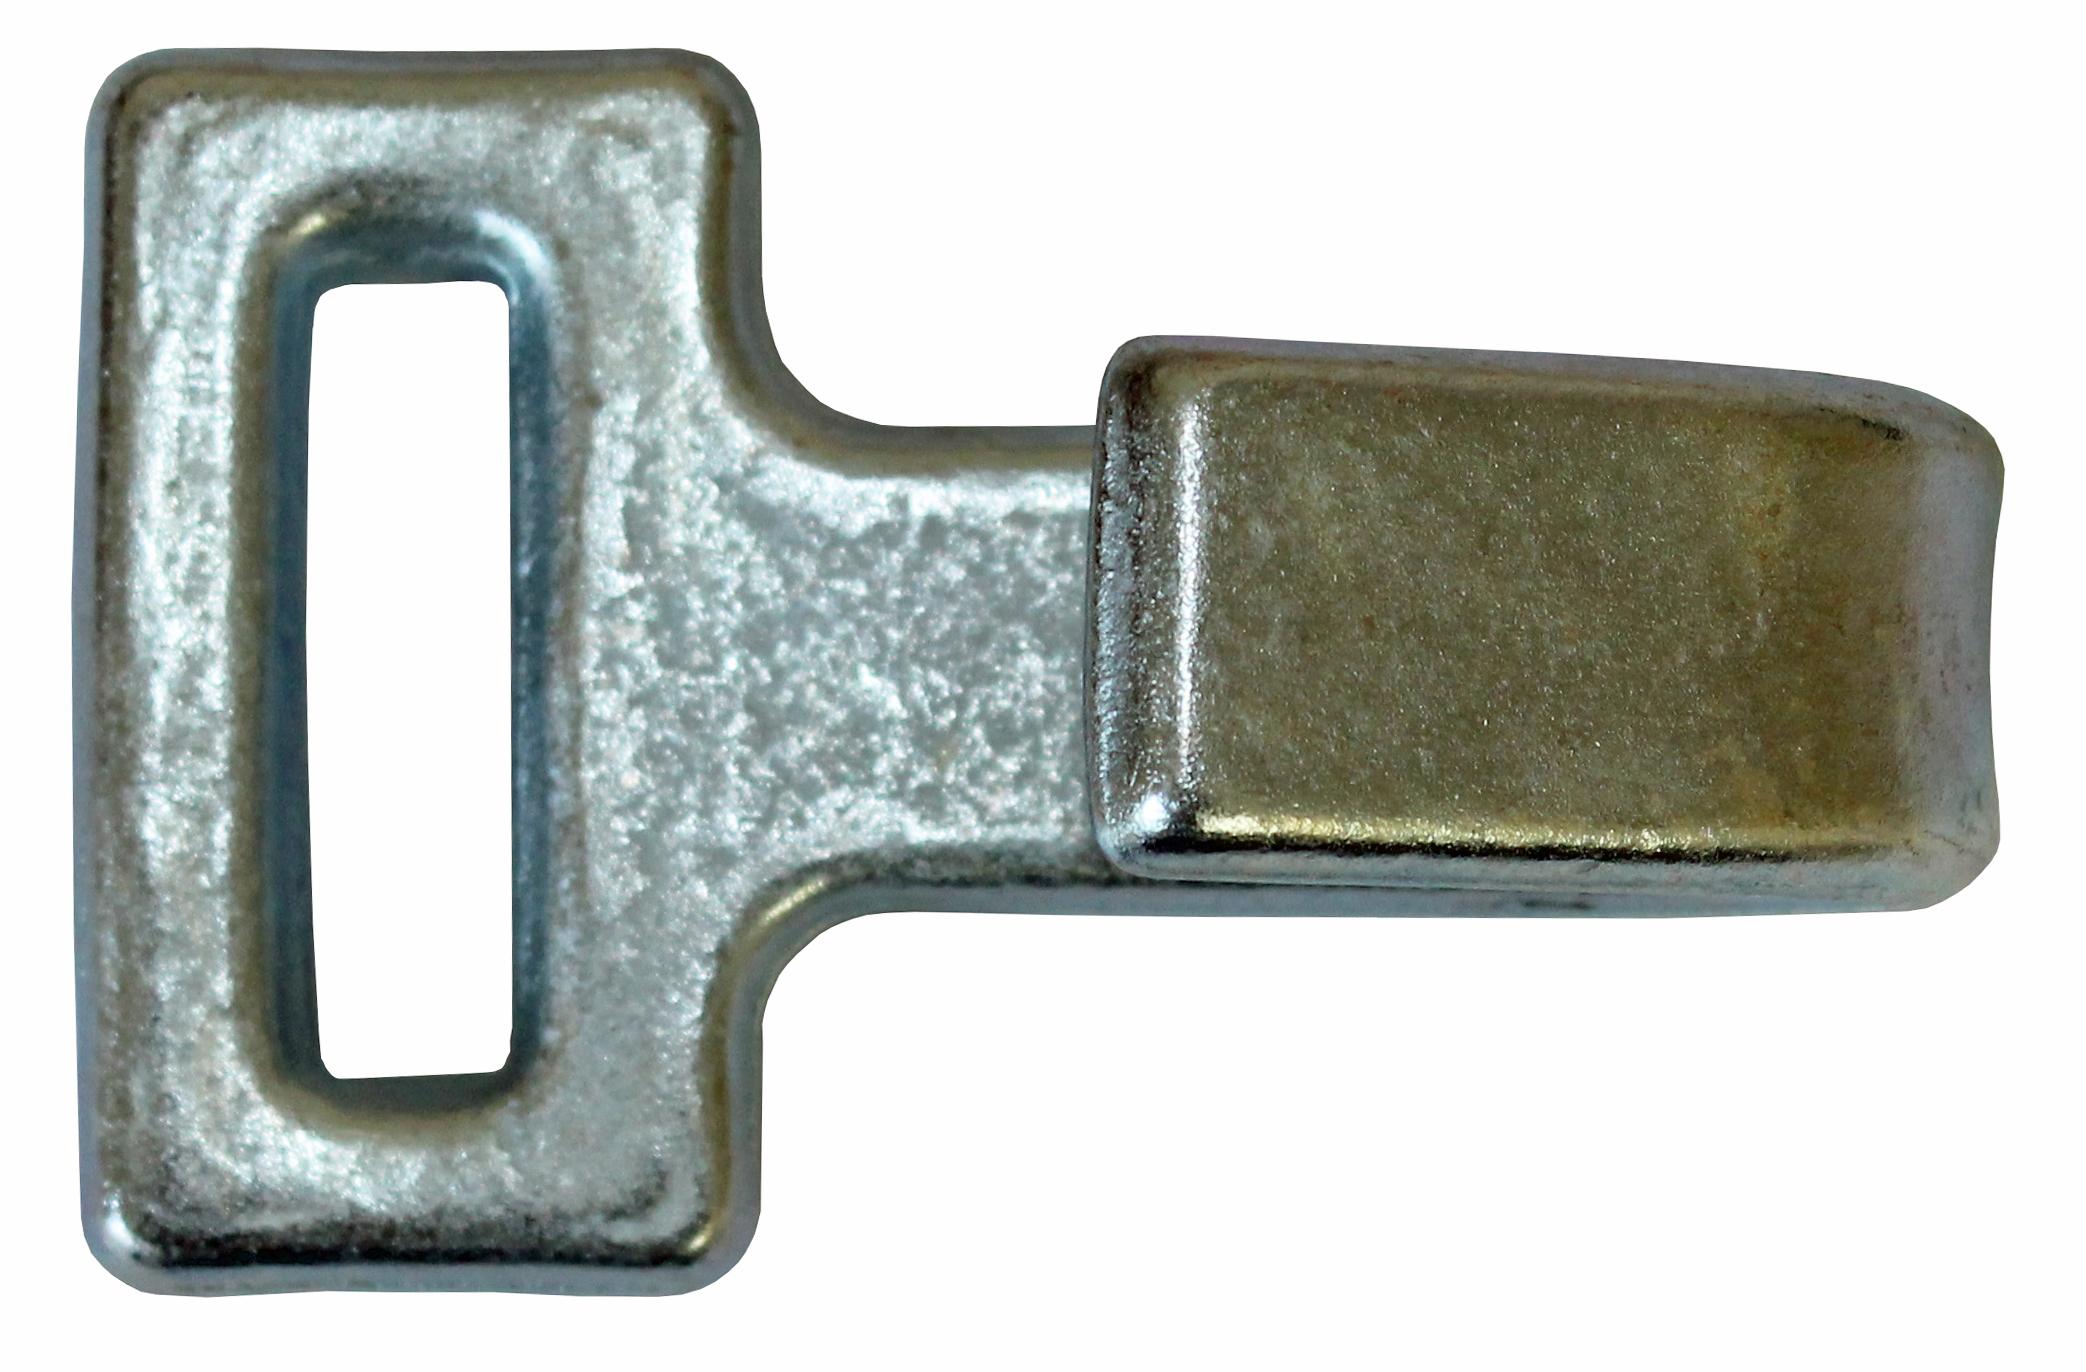 Flachhaken (Guss) 50 mm